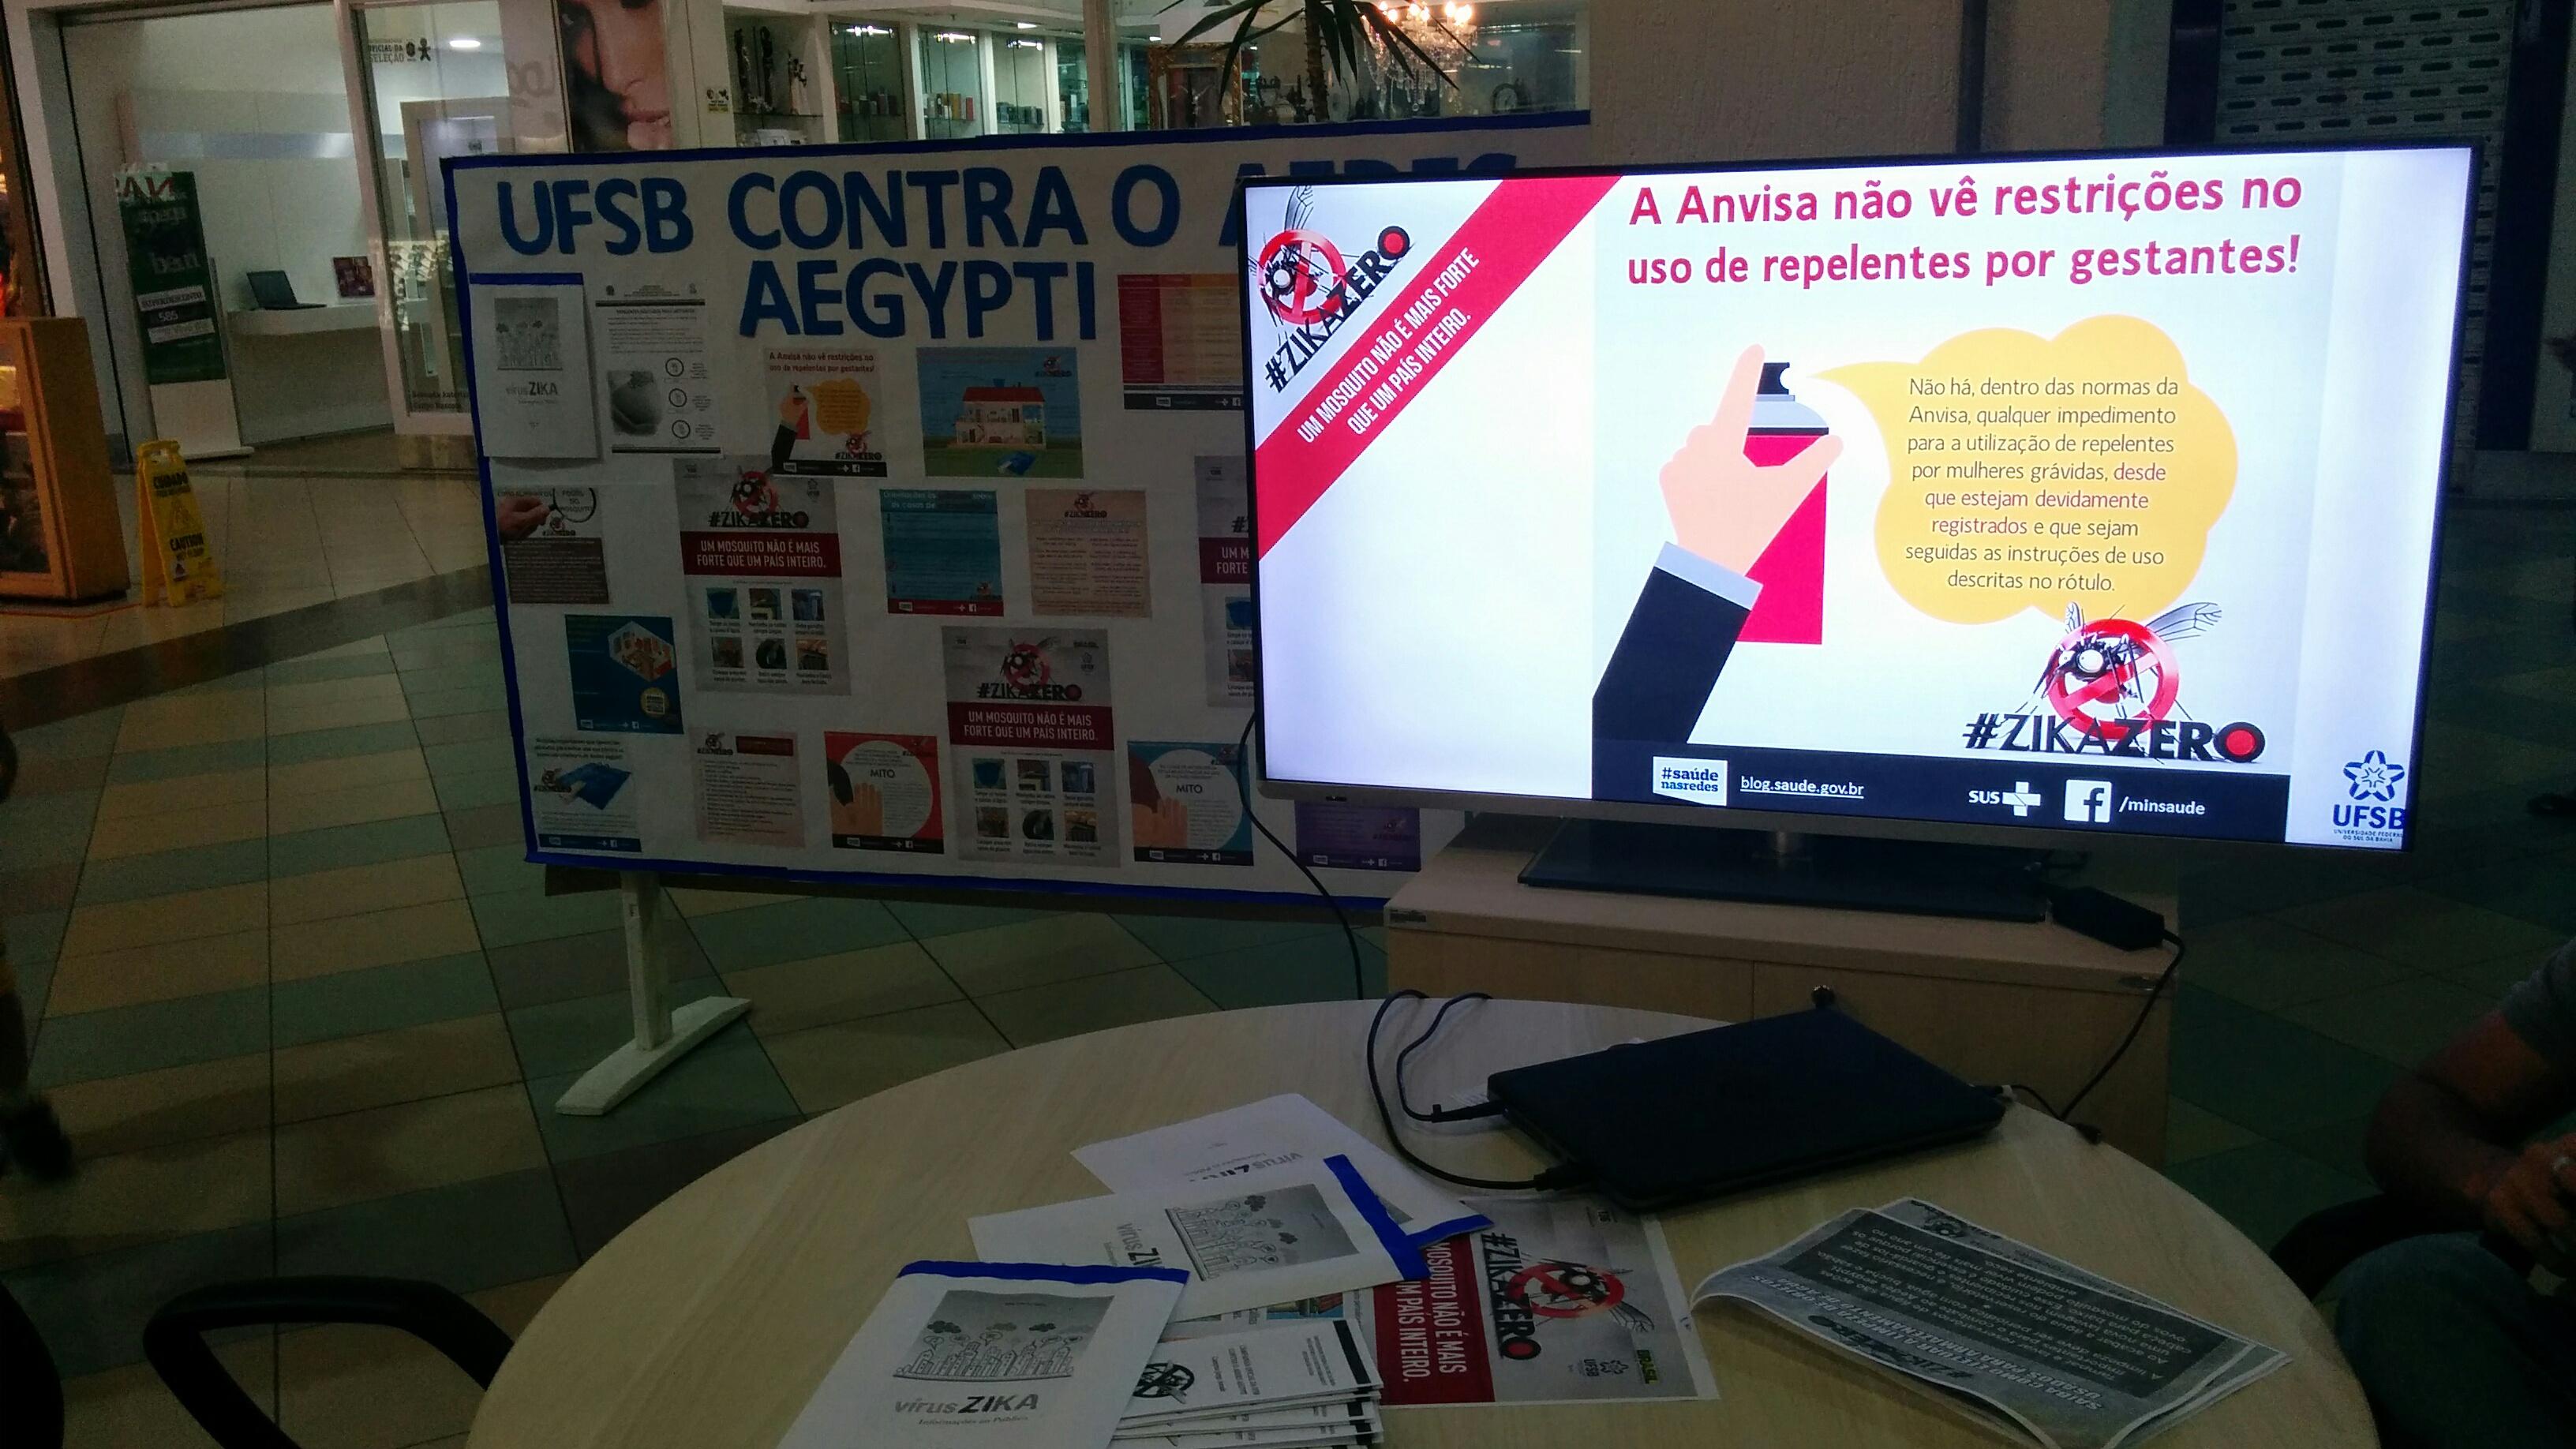 Estande da UFSB com o mural ao fundo e a tela em primeiro plano, com informações sobre o uso de repelente por gestantes